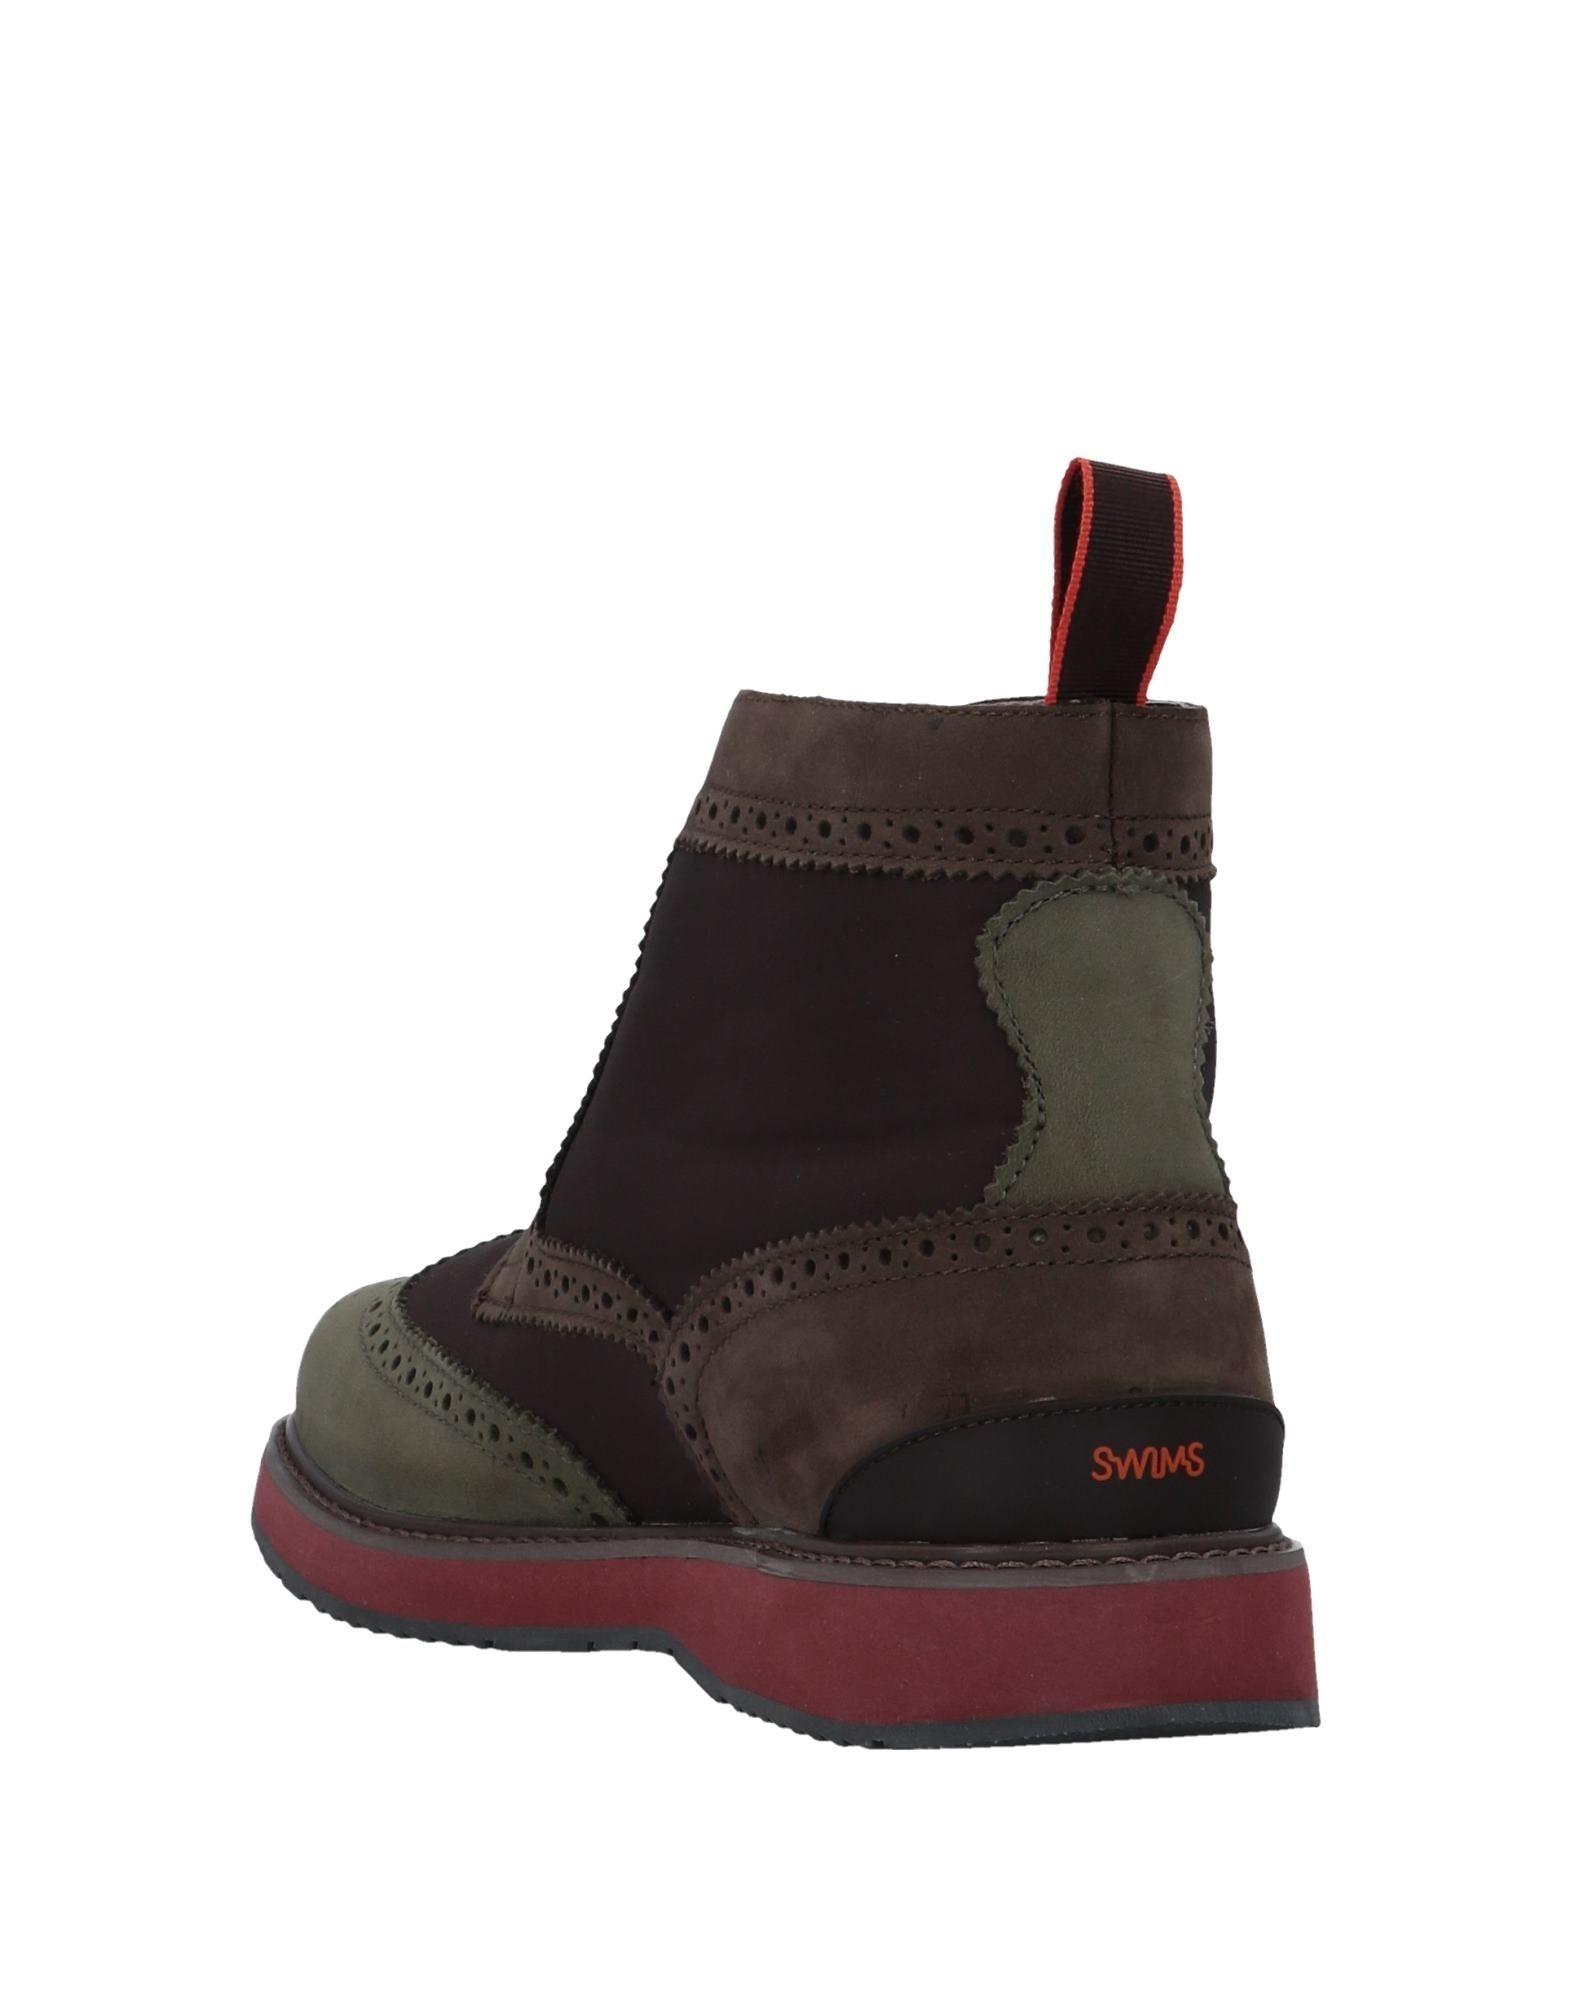 Rabatt echte Schuhe 11535822IM Swims Stiefelette Herren  11535822IM Schuhe 22527c